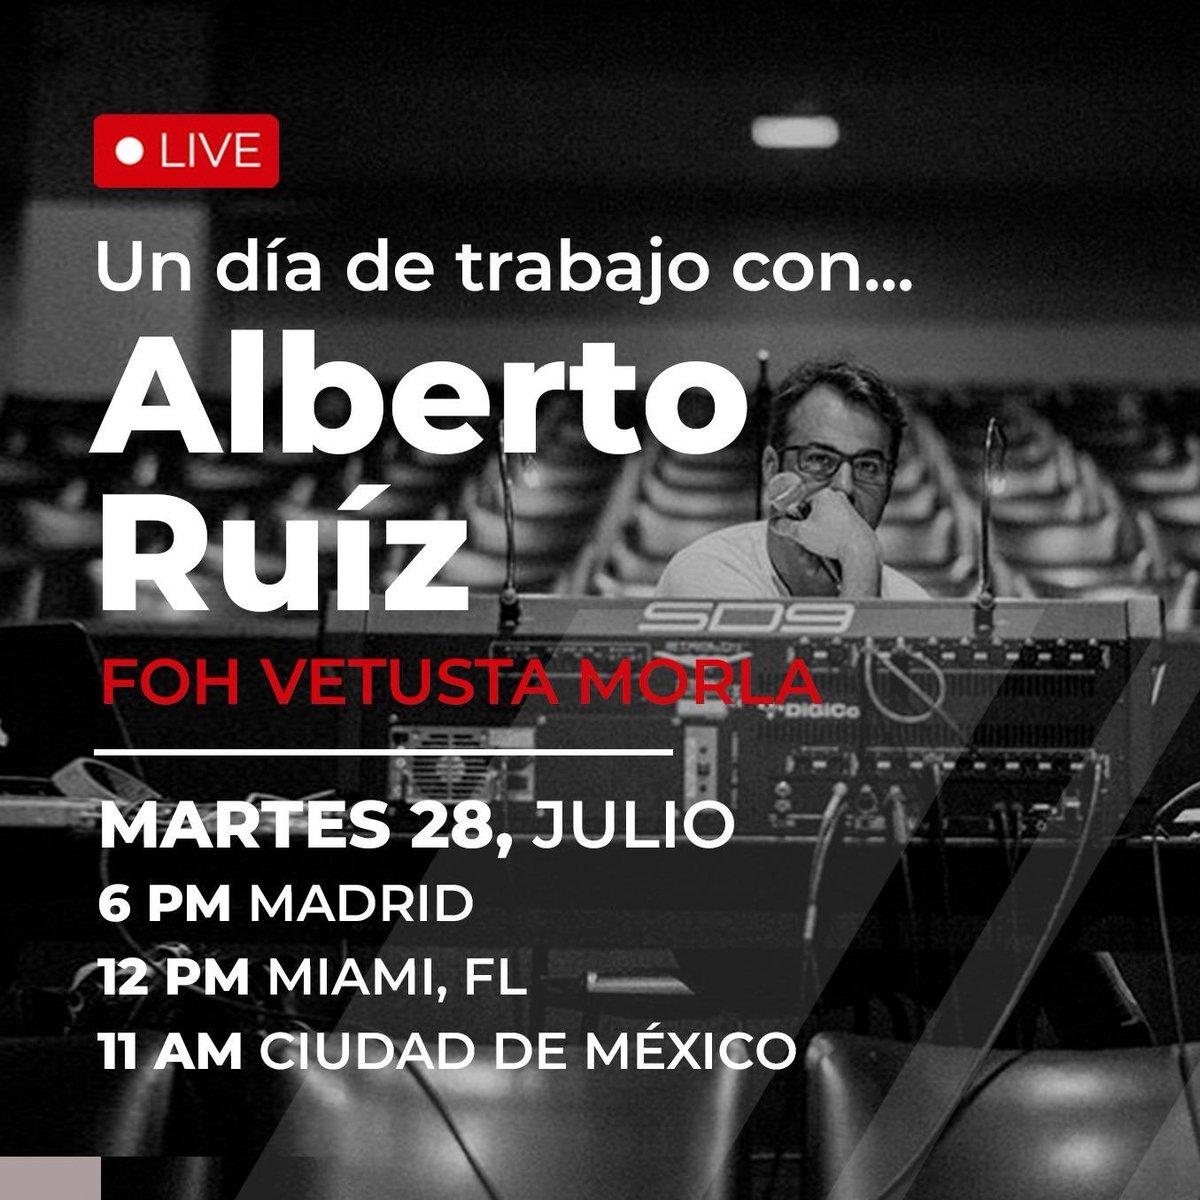 🔴 No os perdáis esta oportunidad de conocer al gran Alberto, el jefazo del sonido en nuestros conciertos 🎶 Registro gratis ➡️ https://t.co/TeI6DgOmFV https://t.co/916aTddLGJ